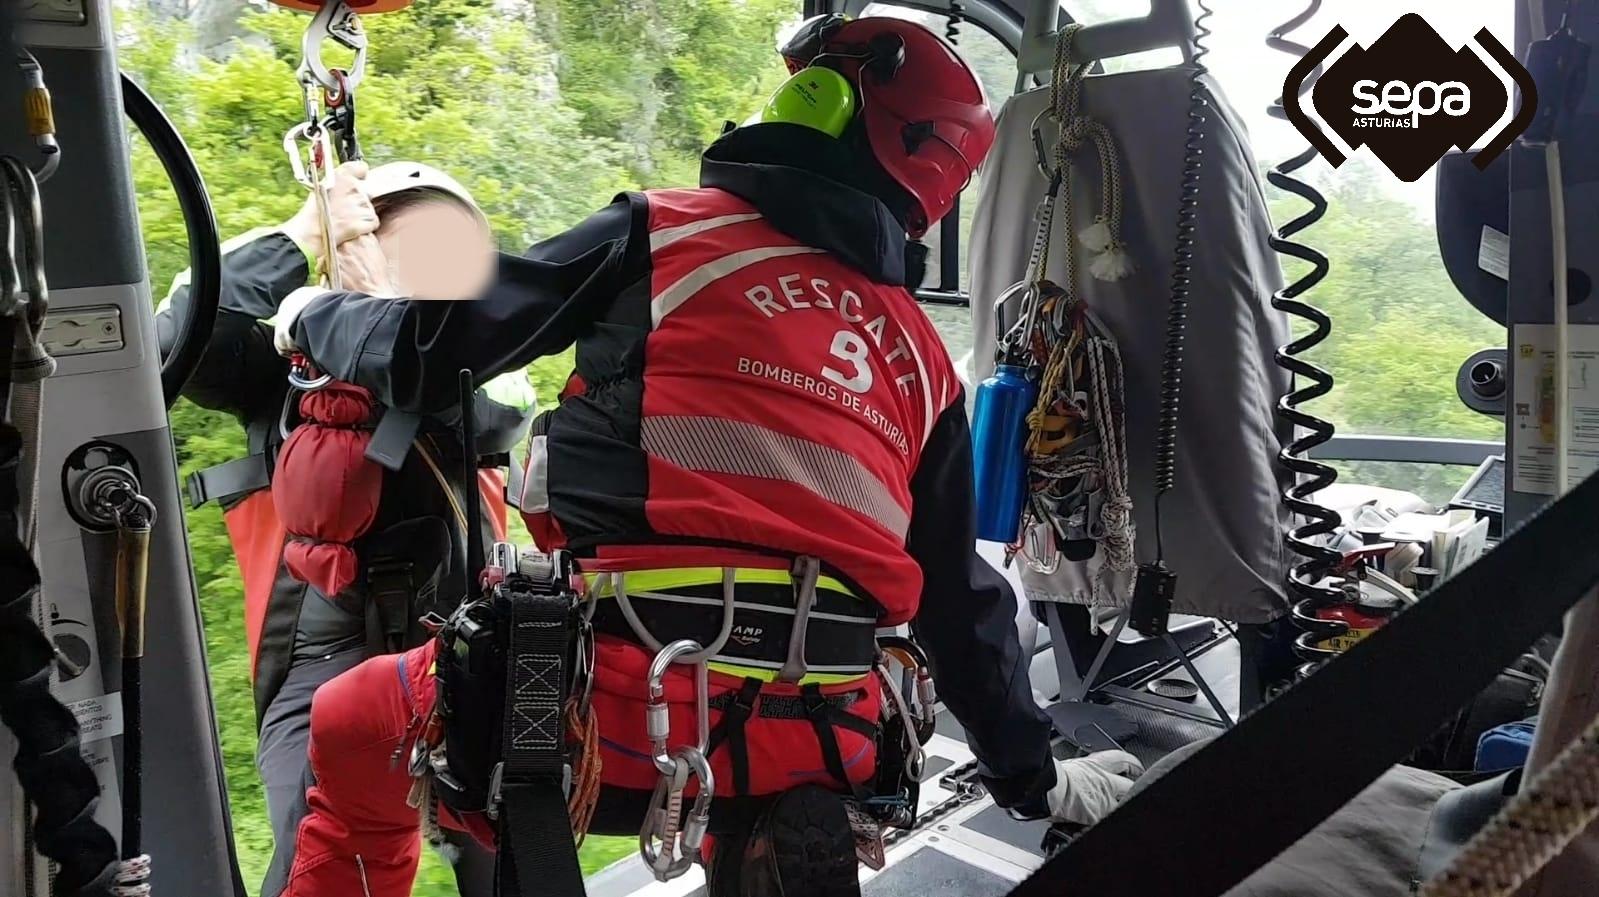 Rescate en helicóptero de una pareja que se perdió haciendo una ruta